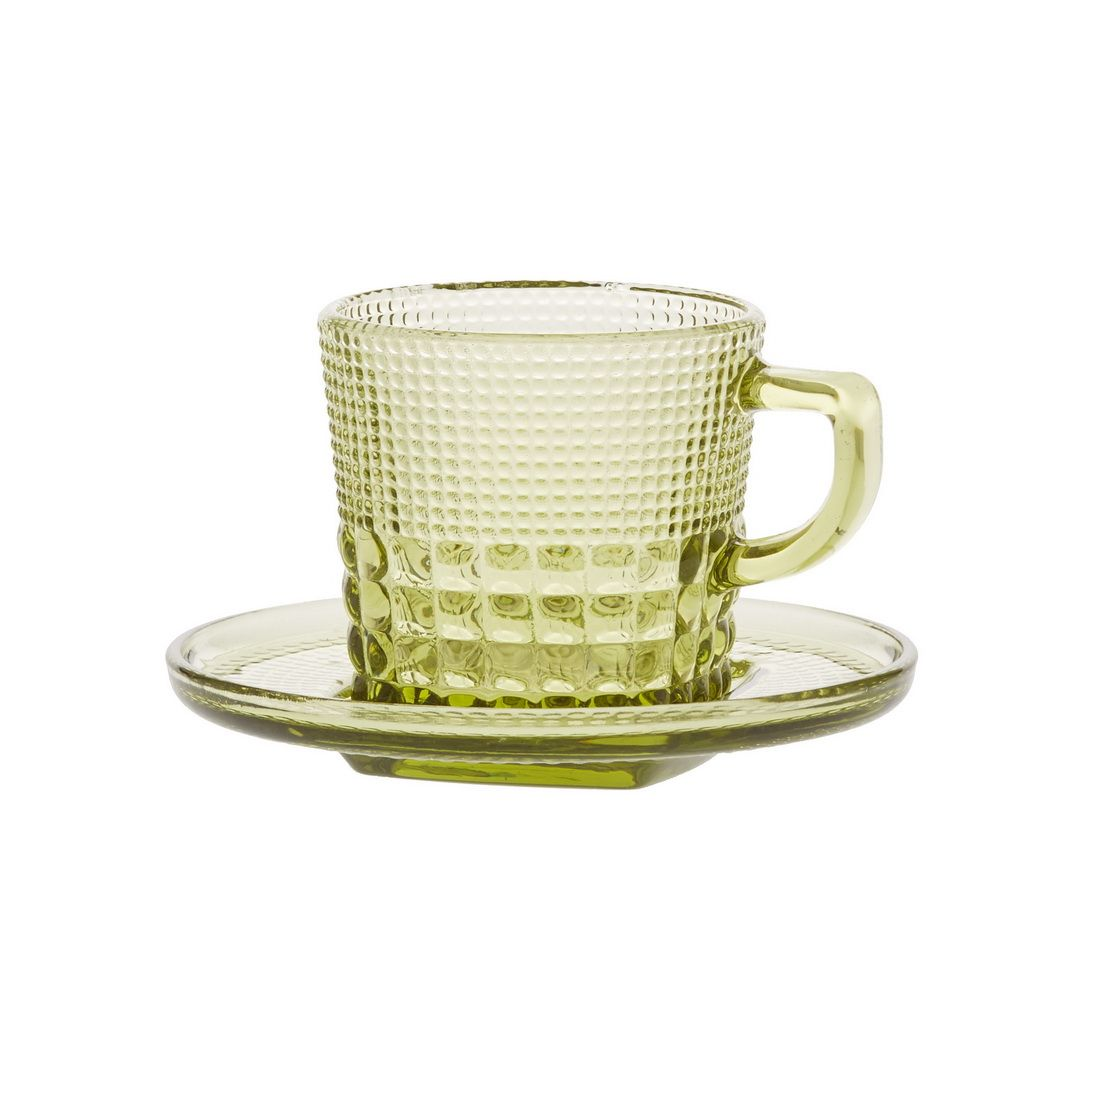 Чашка с блюдцем кофейная Royal drops, оливковыйКофейная чашка Royal drops – яркий пример функциональности и изящества. Модель выполнена из прочного толстого стекла, которое с одной стороны гарантирует ее долговечность, а с другой способно долго поддерживать температуру напитка на одном уровне. Широкая ручка изделия удобно ложится в ладонь и всегда остается прохладной.Рельефна текстура чашки не даст ей выскользнуть из рук во время мытья. Идущее в комплекте блюдце с углублением в центре обеспечит кружке устойчивость и поможет сохранить стол чистым.<br>